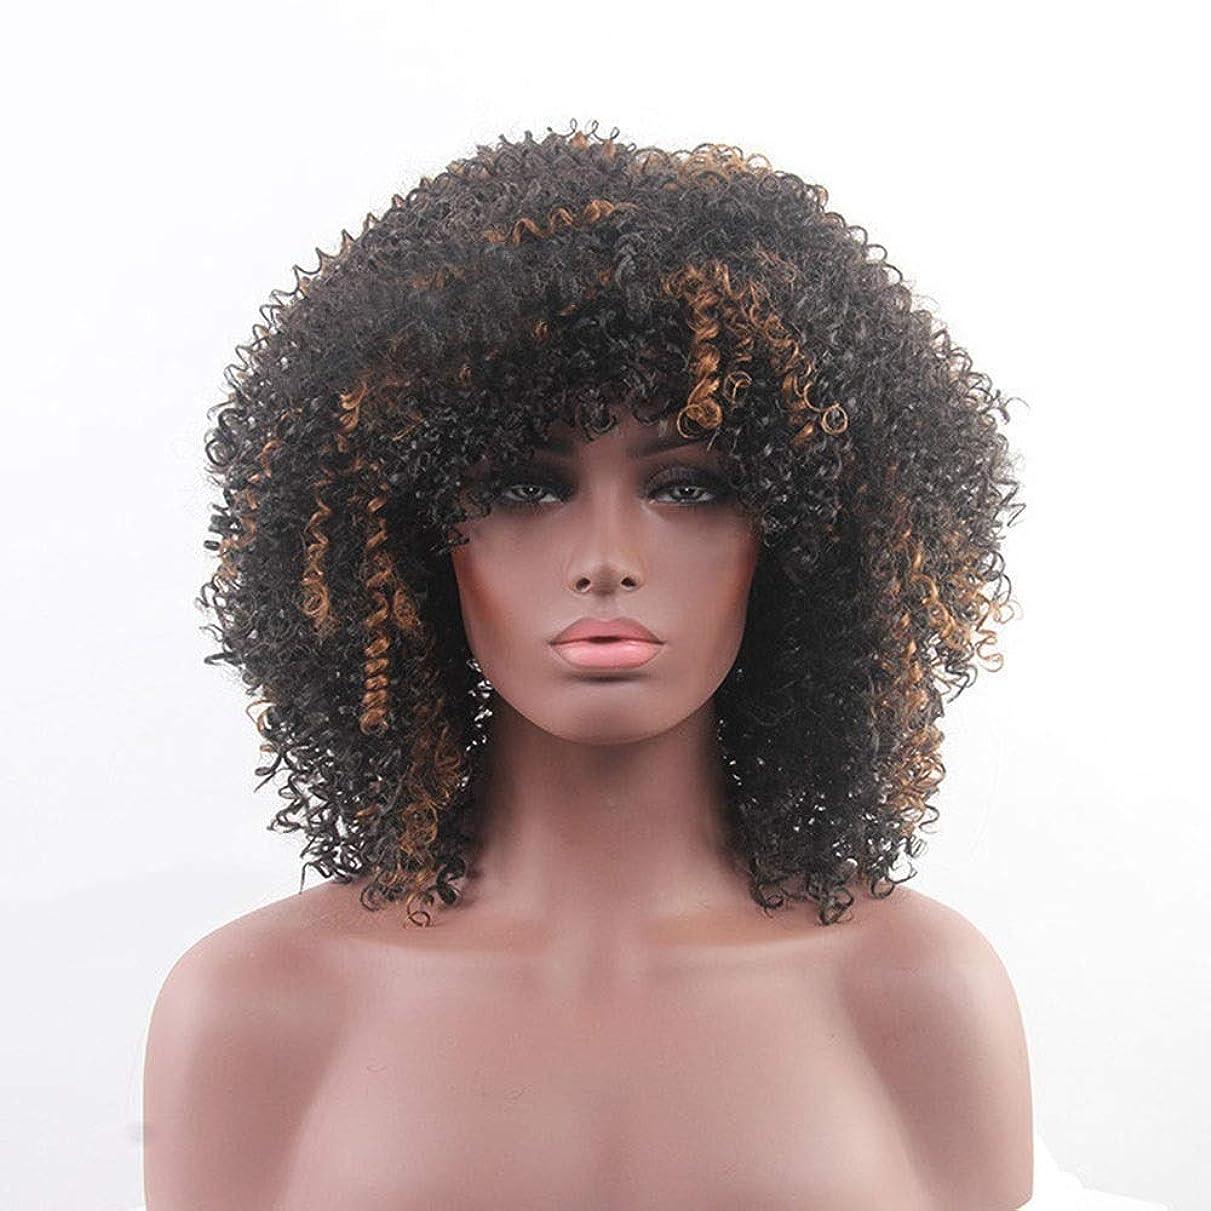 壮大な差上がるYrattary ブラウンブラック混合色アフリカ黒人女性のトウモロコシの小さなロールかつら合成髪レースかつらロールプレイングかつら (色 : Brown mixed black)